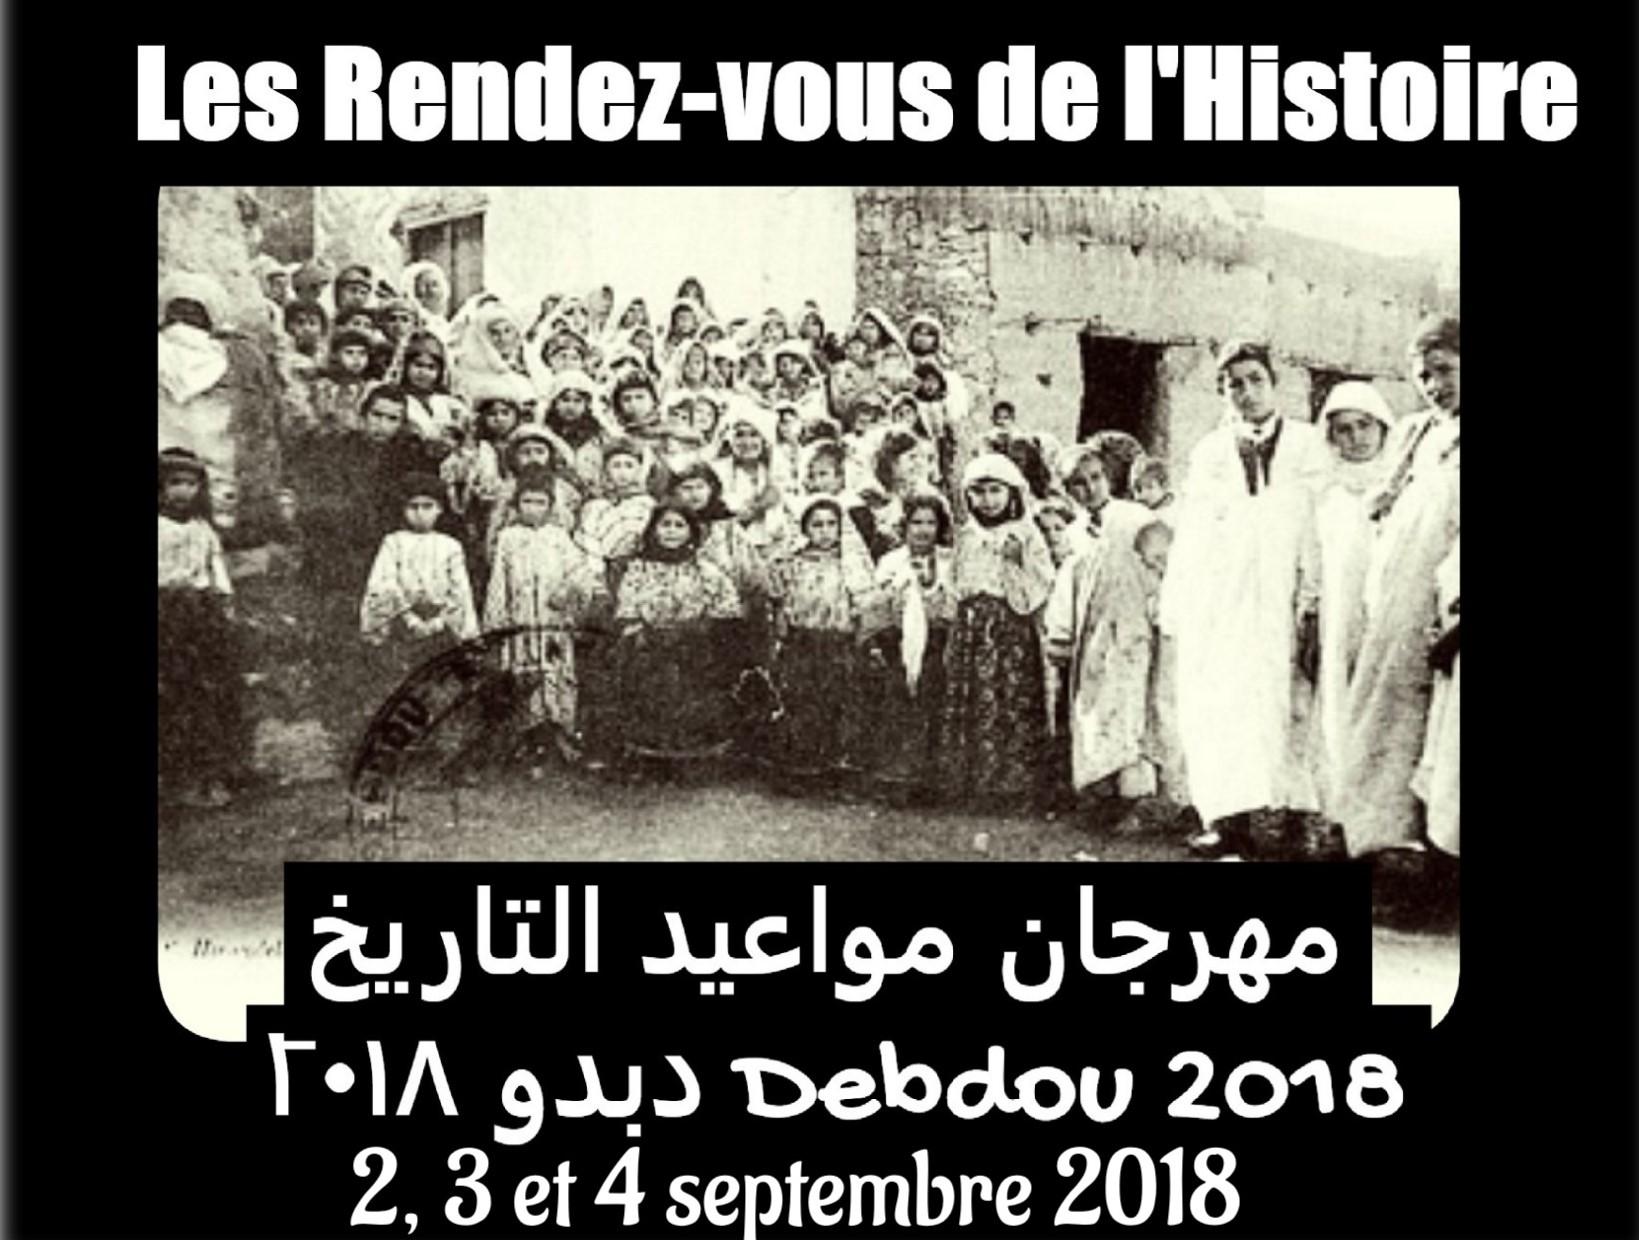 Les rendez-vous de l'Histoire de Debdou